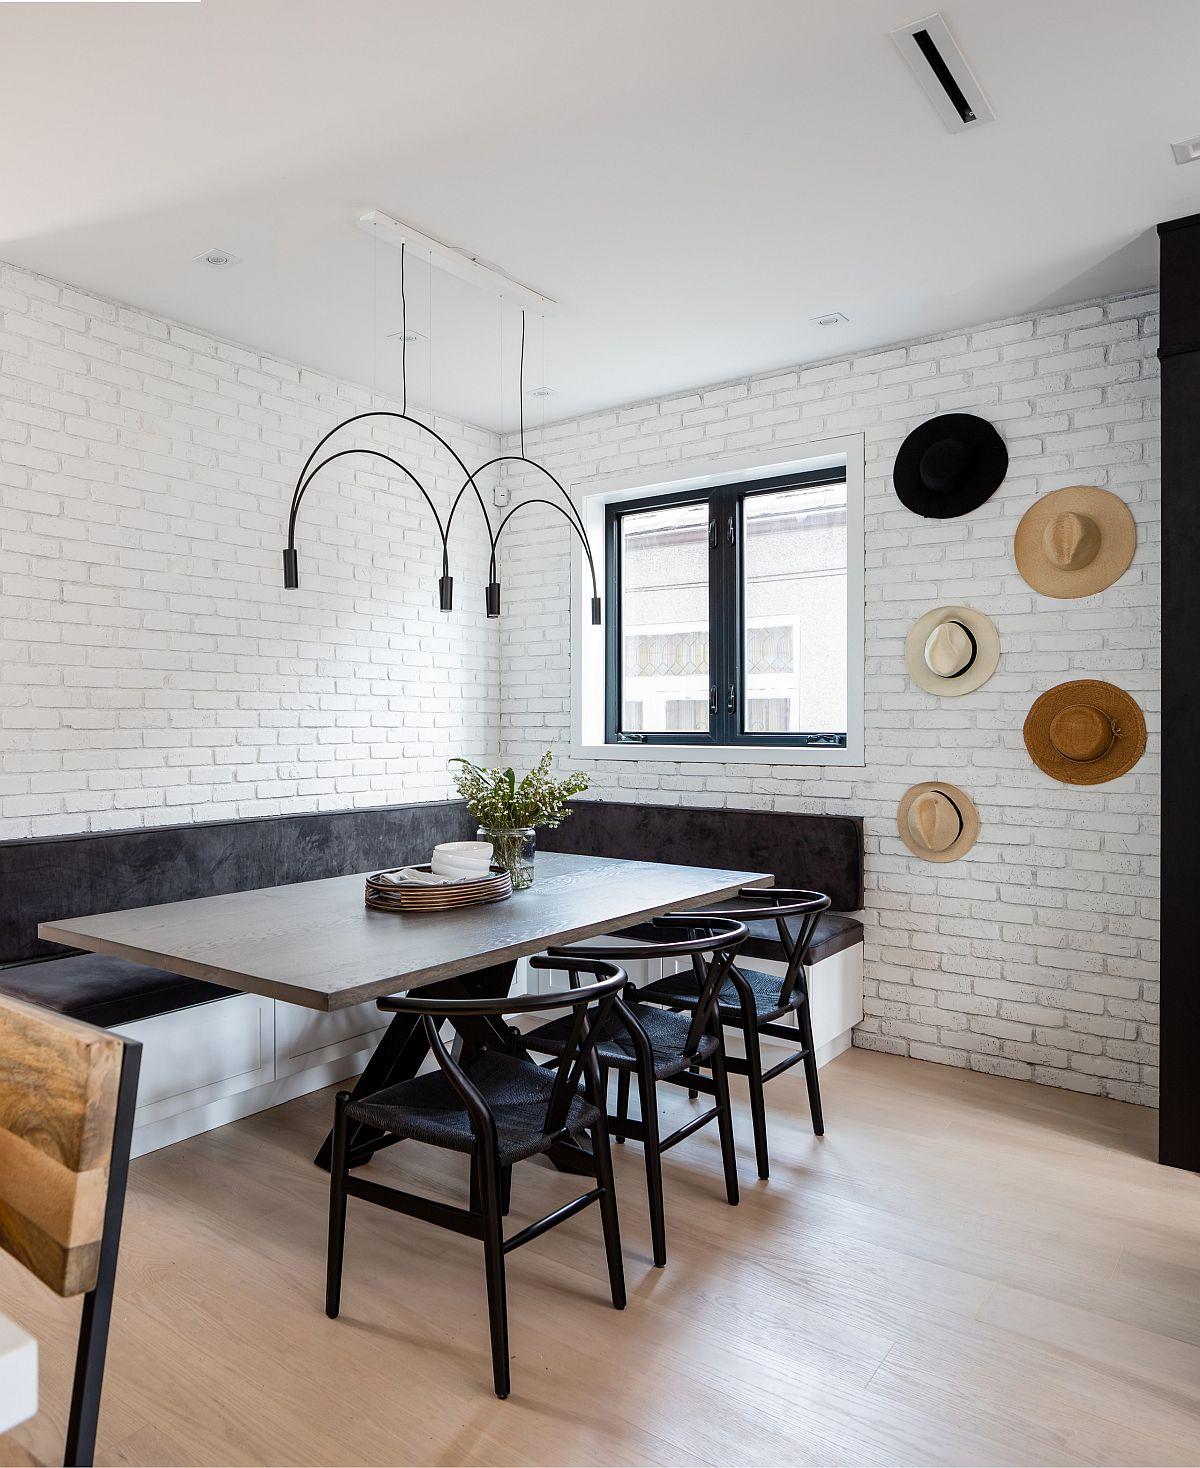 Hình ảnh phòng ăn tối giản với tường gạch sơn trắng, bàn ghế kiểu dáng bắt mắt, đèn thả trần độc đáo